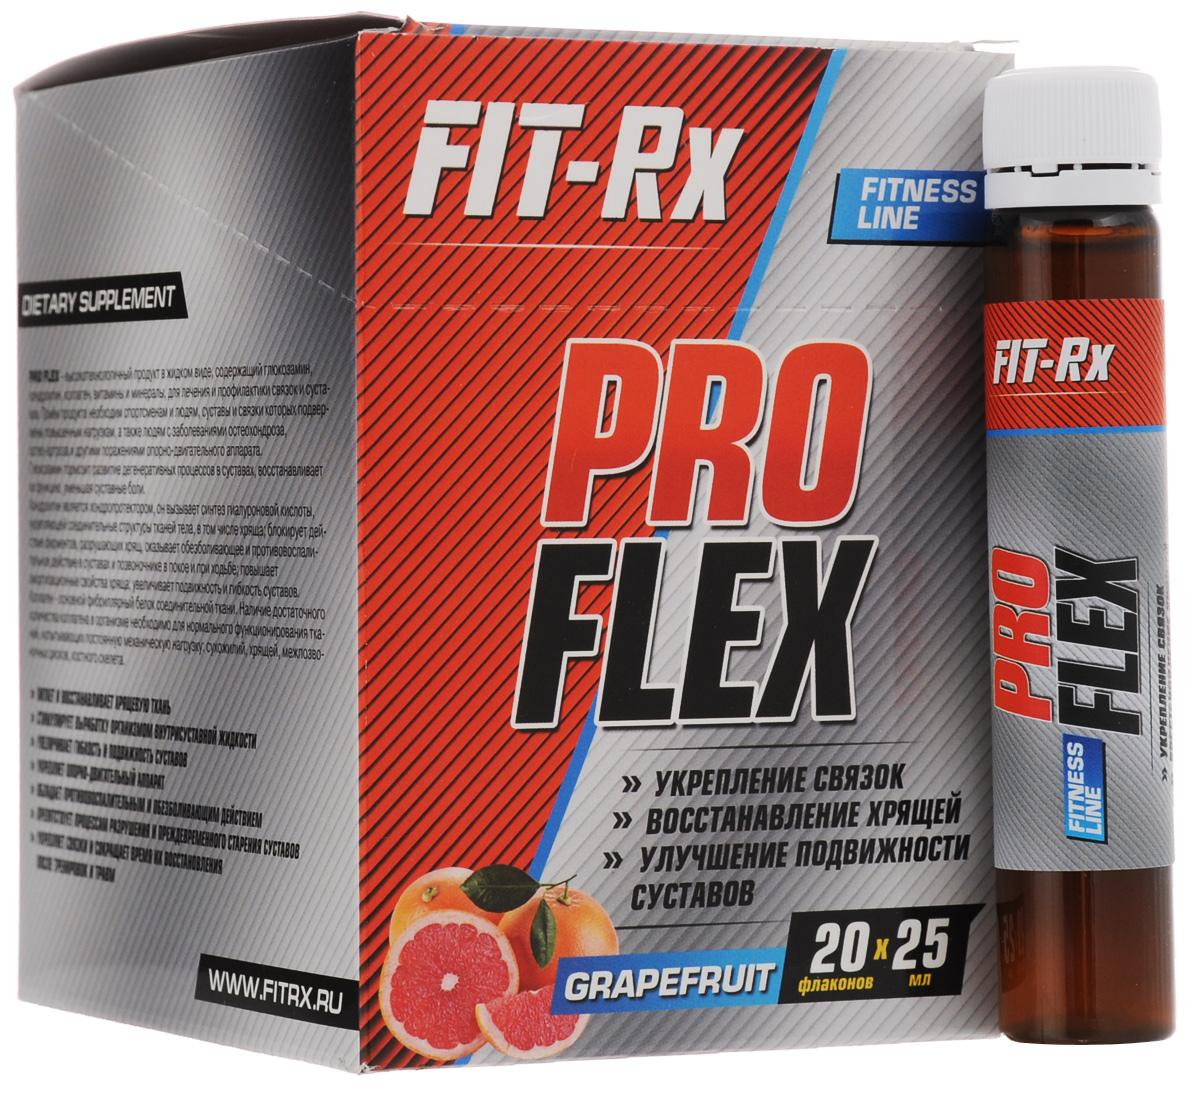 """FIT-RX """"Pro Flex"""" – это высокотехнологичный продукт в жидком виде, содержащий глюкозамин, хондроитин, коллаген, витамины и минералы, предназначенный для лечения и профилактики связок и суставов. Прием продукта необходим спортсменам и людям, суставы и связки которых подвержены повышенным нагрузкам, а также людям с заболеваниями остеохондроза, остео-артроза и другими поражениями опорно-двигательного аппарата.  Глюкозамин тормозит развитие дегенеративных процессов в суставах, восстанавливает их функцию, уменьшая суставные боли.  Хондроитин является хондропротектором, он вызывает синтез гиалуроновой кислоты, укрепляющей соединительные структуры тканей тела, в том числе хряща, блокирует действие ферментов, разрушающих хрящ, оказывает обезболивающее и противовоспалительное действие в суставах и позвоночнике в покое и при ходьбе, повышает амортизационные свойства хряща, увеличивает подвижность и гибкость суставов.  Коллаген - основной фибриллярный белок соединительной ткани. Наличие достаточного количества коллагена в организме необходимо для нормального функционирования тканей, испытывающих постоянную механическую нагрузку: сухожилий, хрящей, межпозвоночных дисков, костного скелета.    Функции препарата:  Питает и восстанавливает хрящевую ткань  Стимулирует выработку организмом внутрисуставной жидкости  Увеличивает гибкость и подвижность суставов  Укрепляет опорно-двигательный аппарат  Обладает противовоспалительным и обезболивающим действием  Препятствует процессам разрушения и преждевременного старения суставов  Укрепляет связки и сокращает время их восстановления после тренировок и травм.    Состав: вода очищенная, глюкозамин сульфат, хондроитин сульфат, гидролизат коллагена, лимонная кислота, консерванты: бензоат натрия, сорбат калия, загуститель (сочетание смолы акации и ксантановой смолы), сукралоза, цитрат цинка, ароматизатор идентичный натуральному согласно вкусу.    Содержание веществ: глюкозамин сульфат 700 мг, хондроитин сульфат 500 мг, гидролизат коллагена 300"""